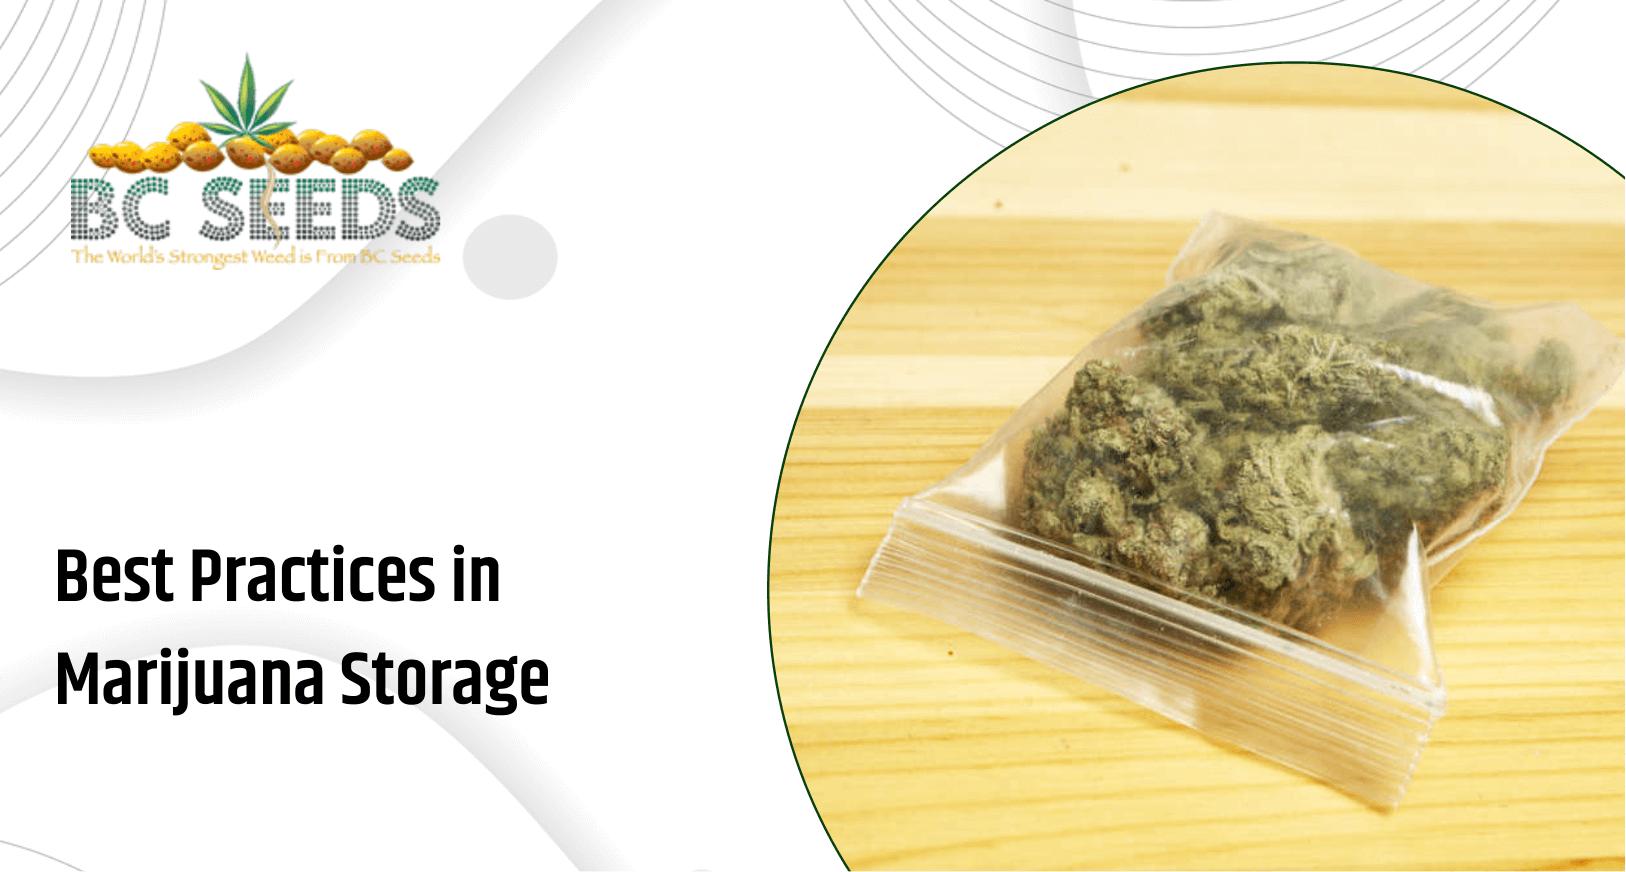 Tips to Store Marijuana